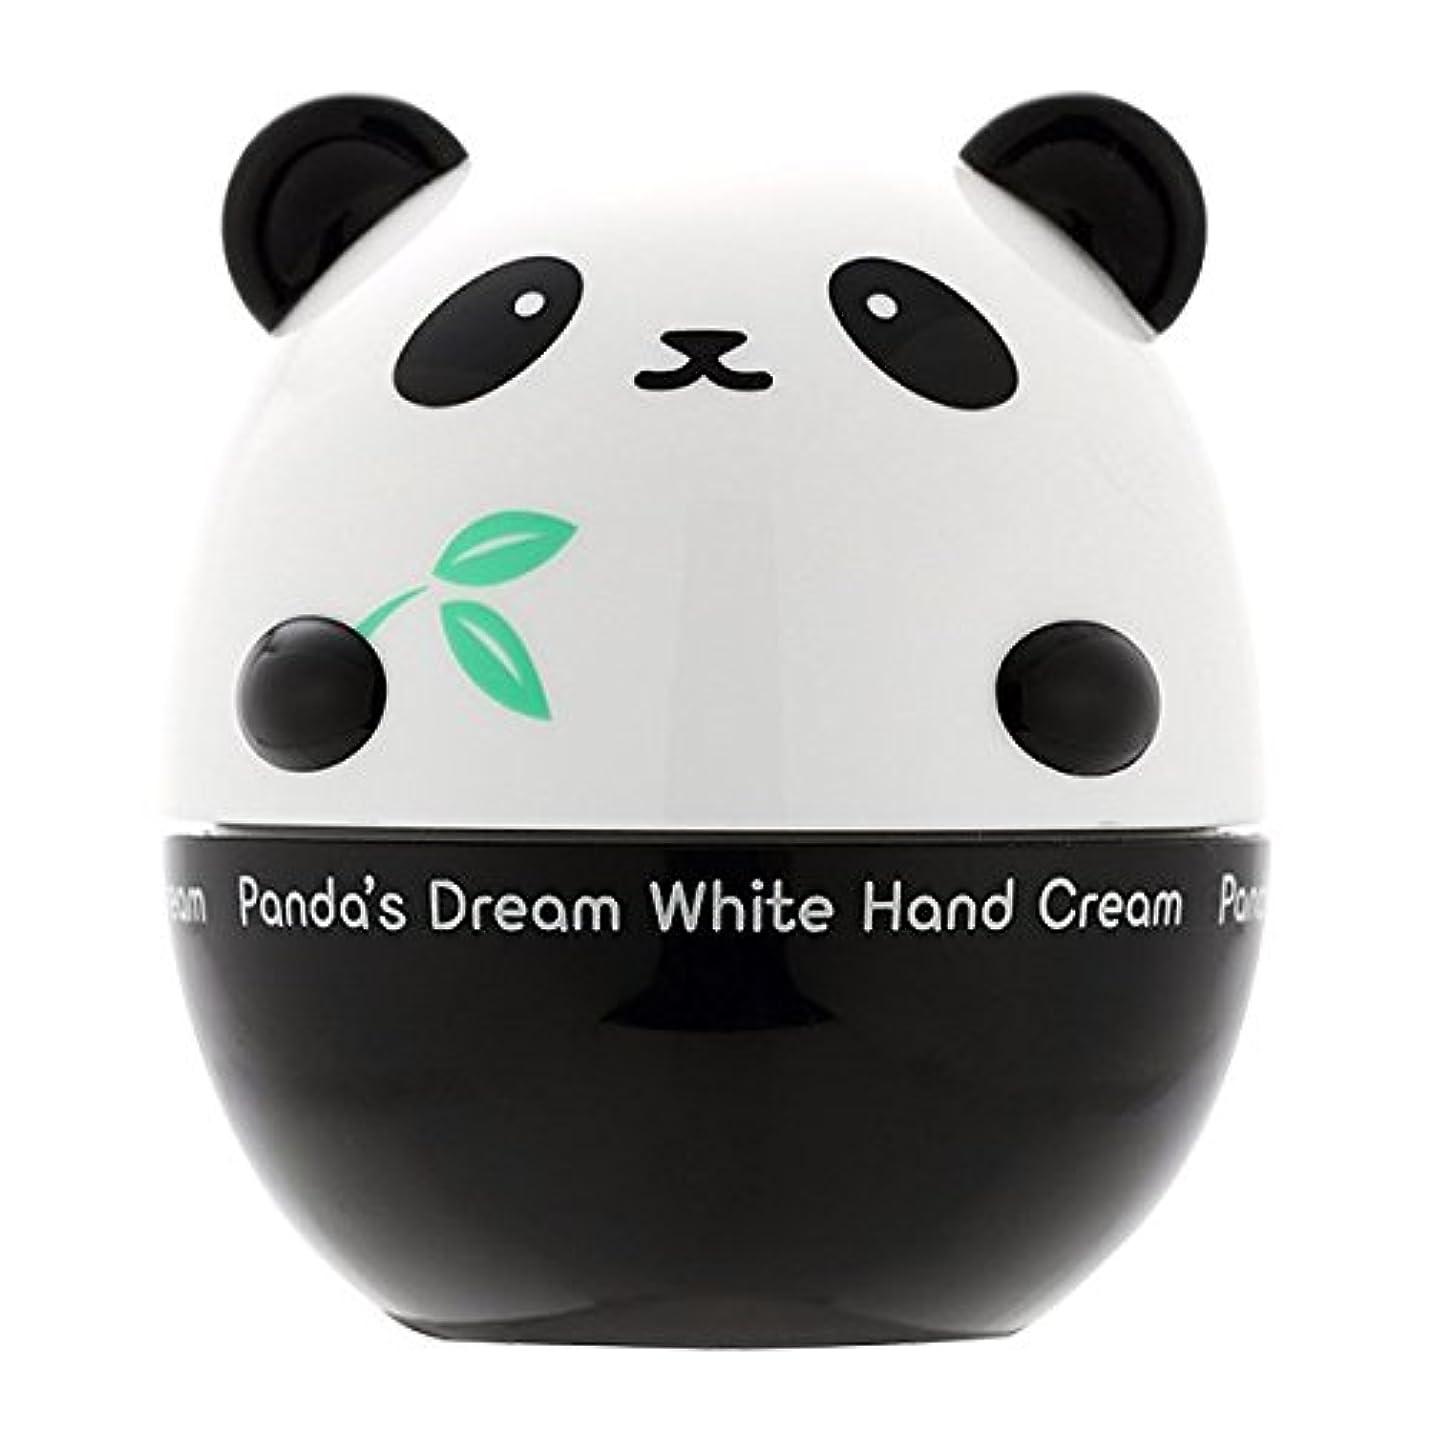 学士避けられない経歴TONYMOLY パンダのゆめ ホワイトマジッククリーム 50g Panda's Dream White Magic Cream 照明クリームトニーモリー下地の代わりに美肌クリーム美肌成分含有 【韓国コスメ】トニーモリー